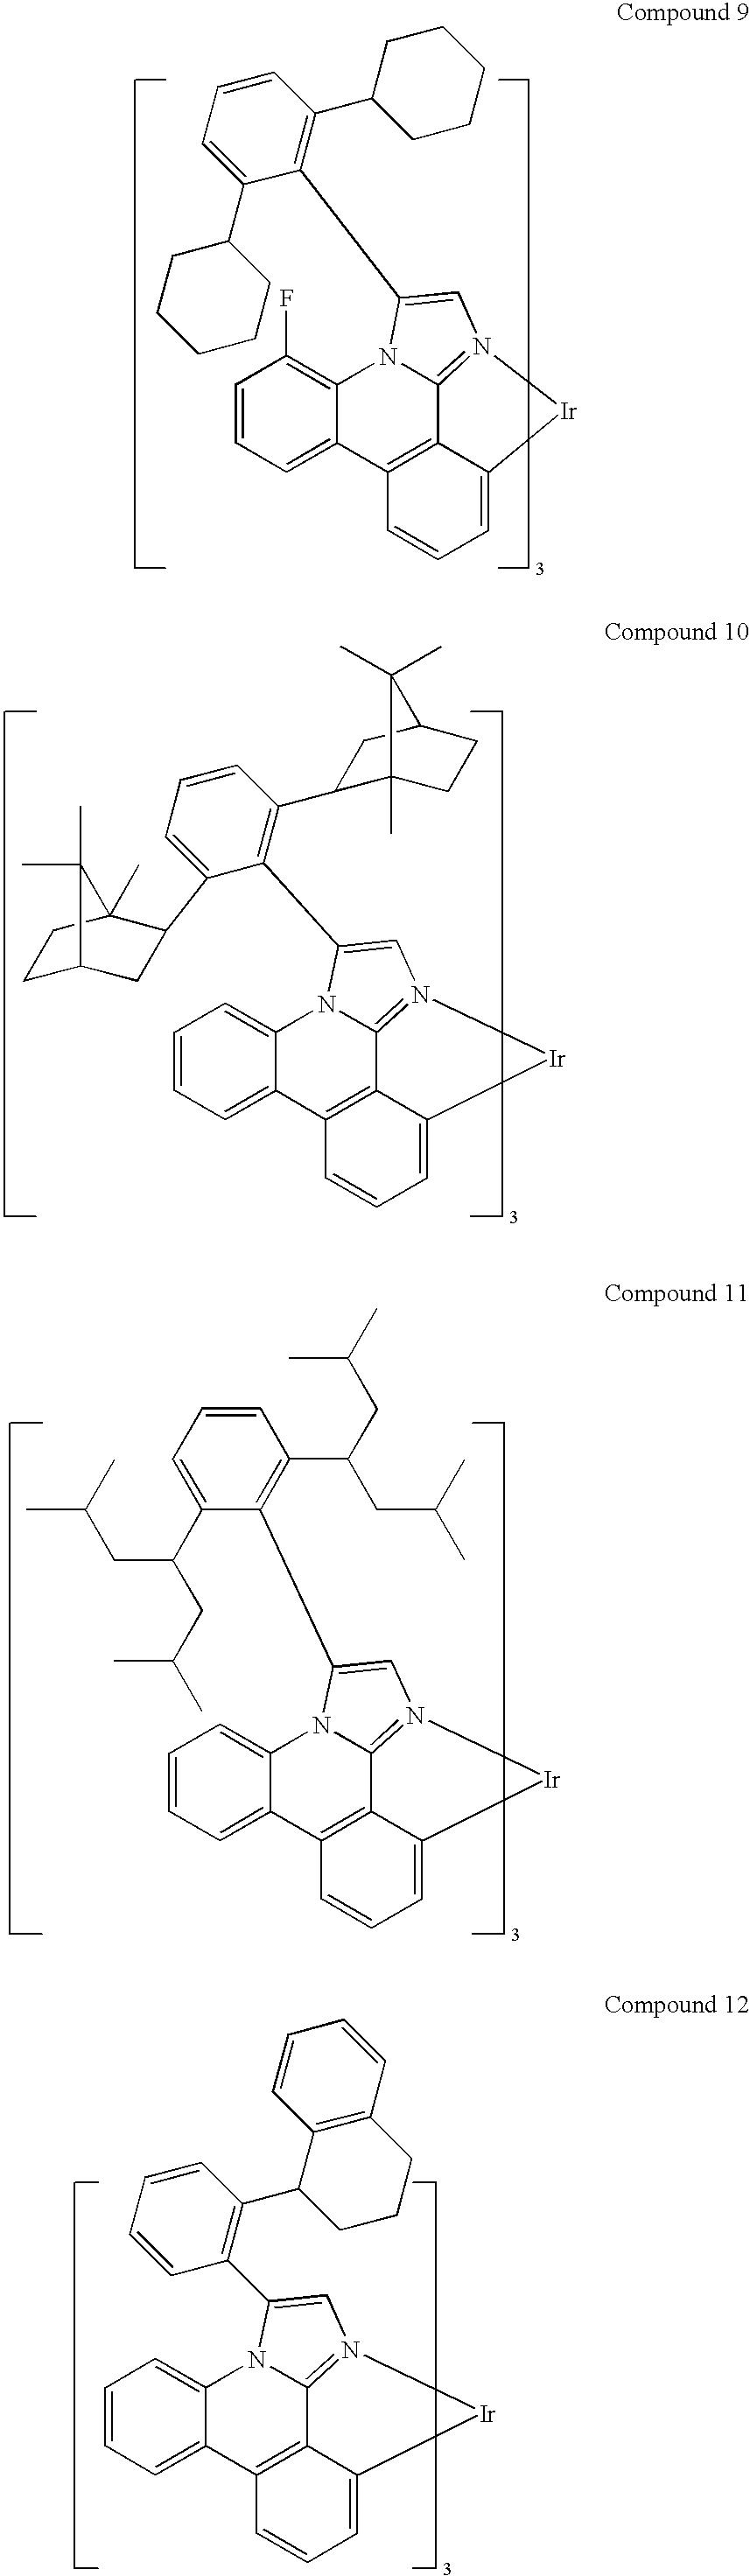 Figure US20100148663A1-20100617-C00176